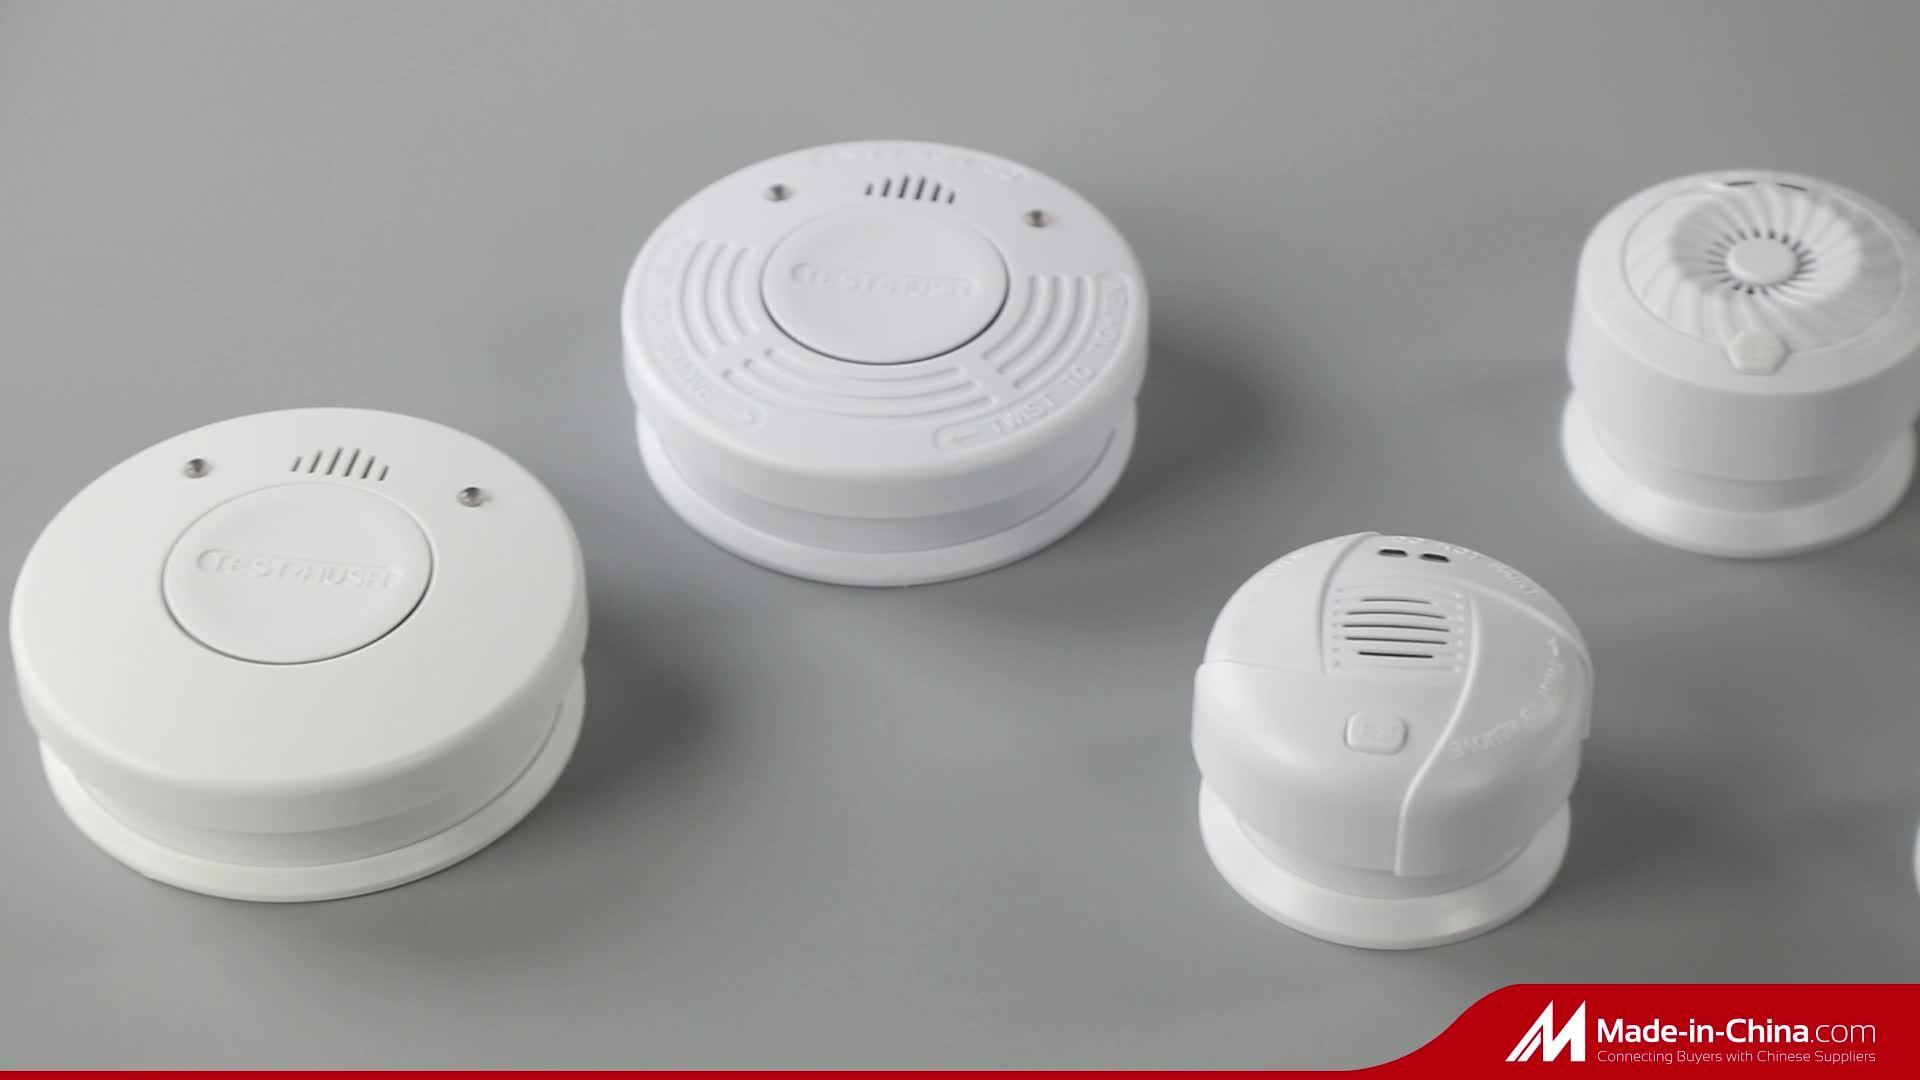 Беспроводная домашняя система пожарной сигнализации 433.92Interlinkable дыма с Мгц Lm-101LC